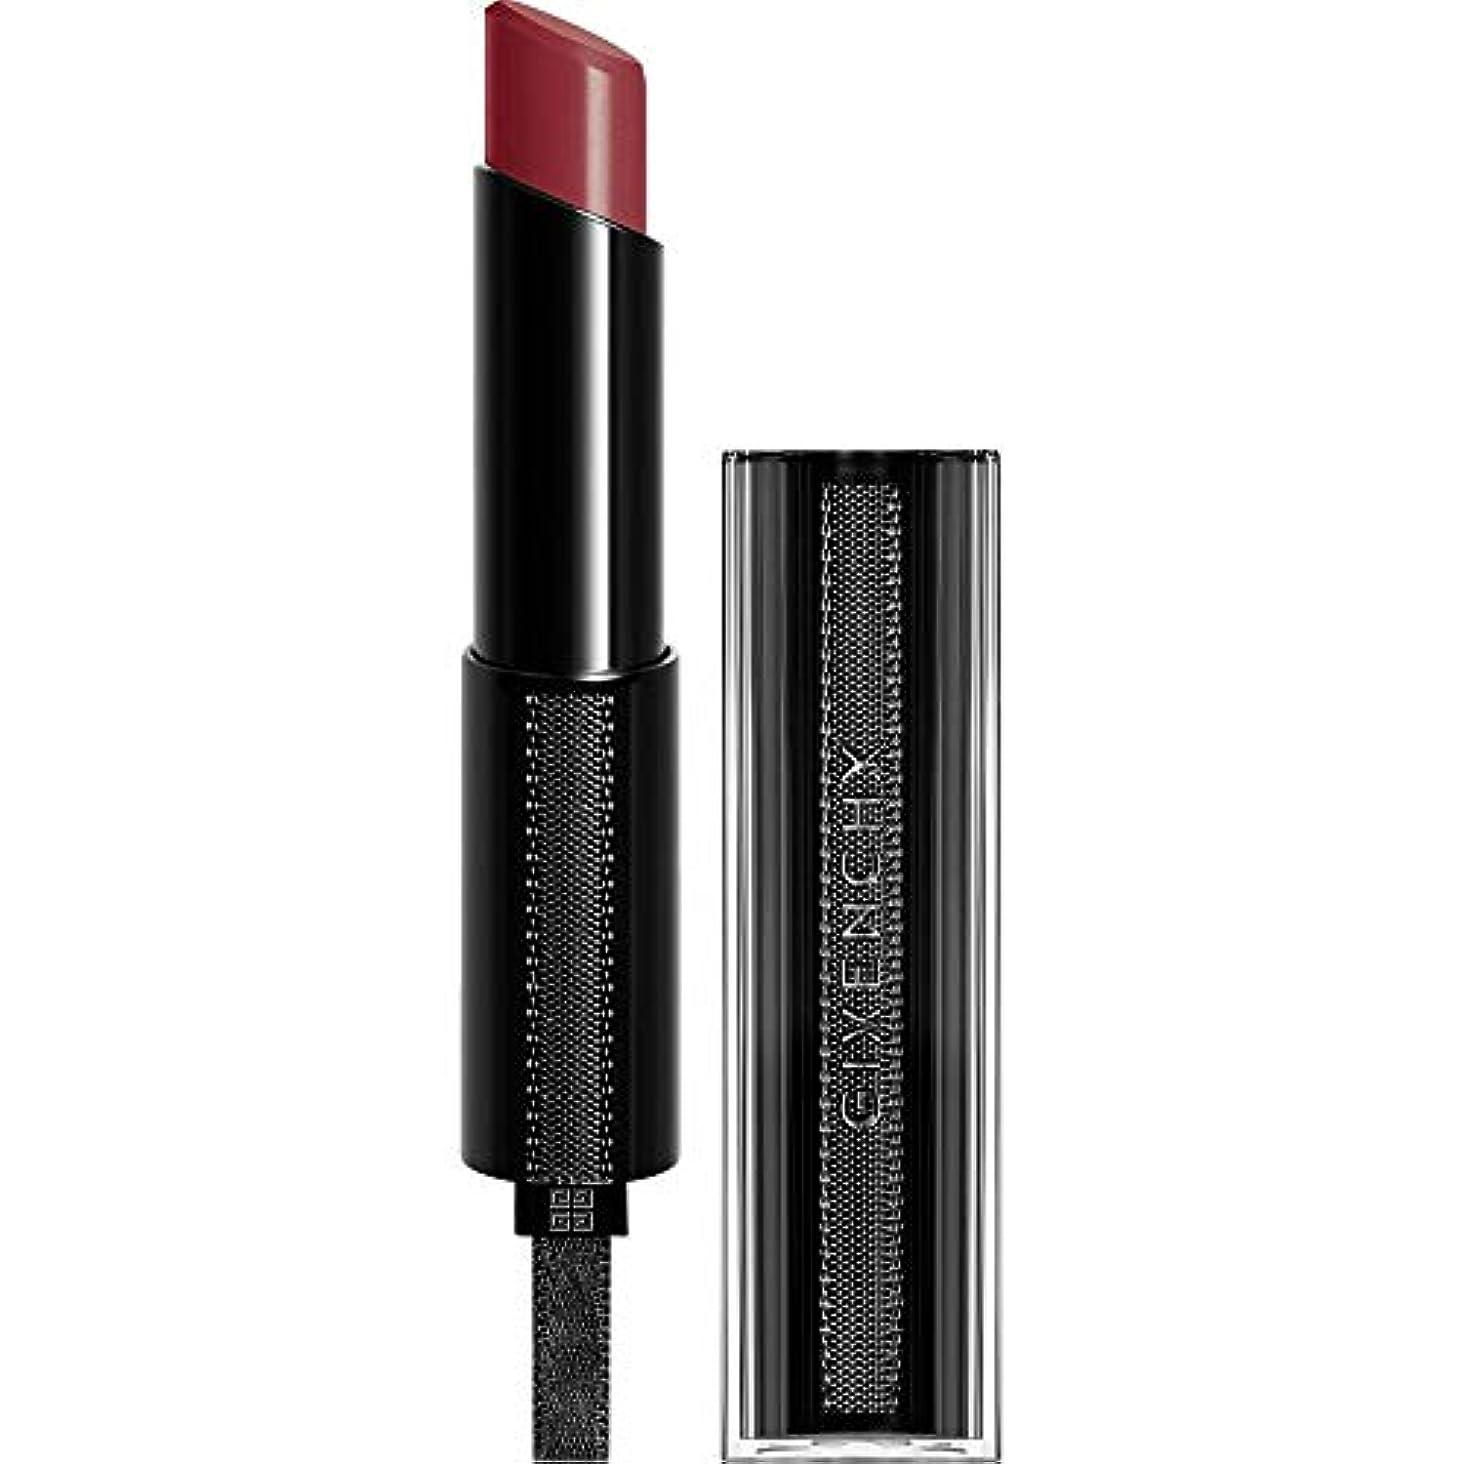 アッティカス平和な比喩[GIVENCHY] ジバンシールージュInterditビニル - 色増強口紅3.3グラム15 - モカRenversant - GIVENCHY Rouge Interdit Vinyl - Color Enhancing Lipstick 3.3g 15 - Moka Renversant [並行輸入品]